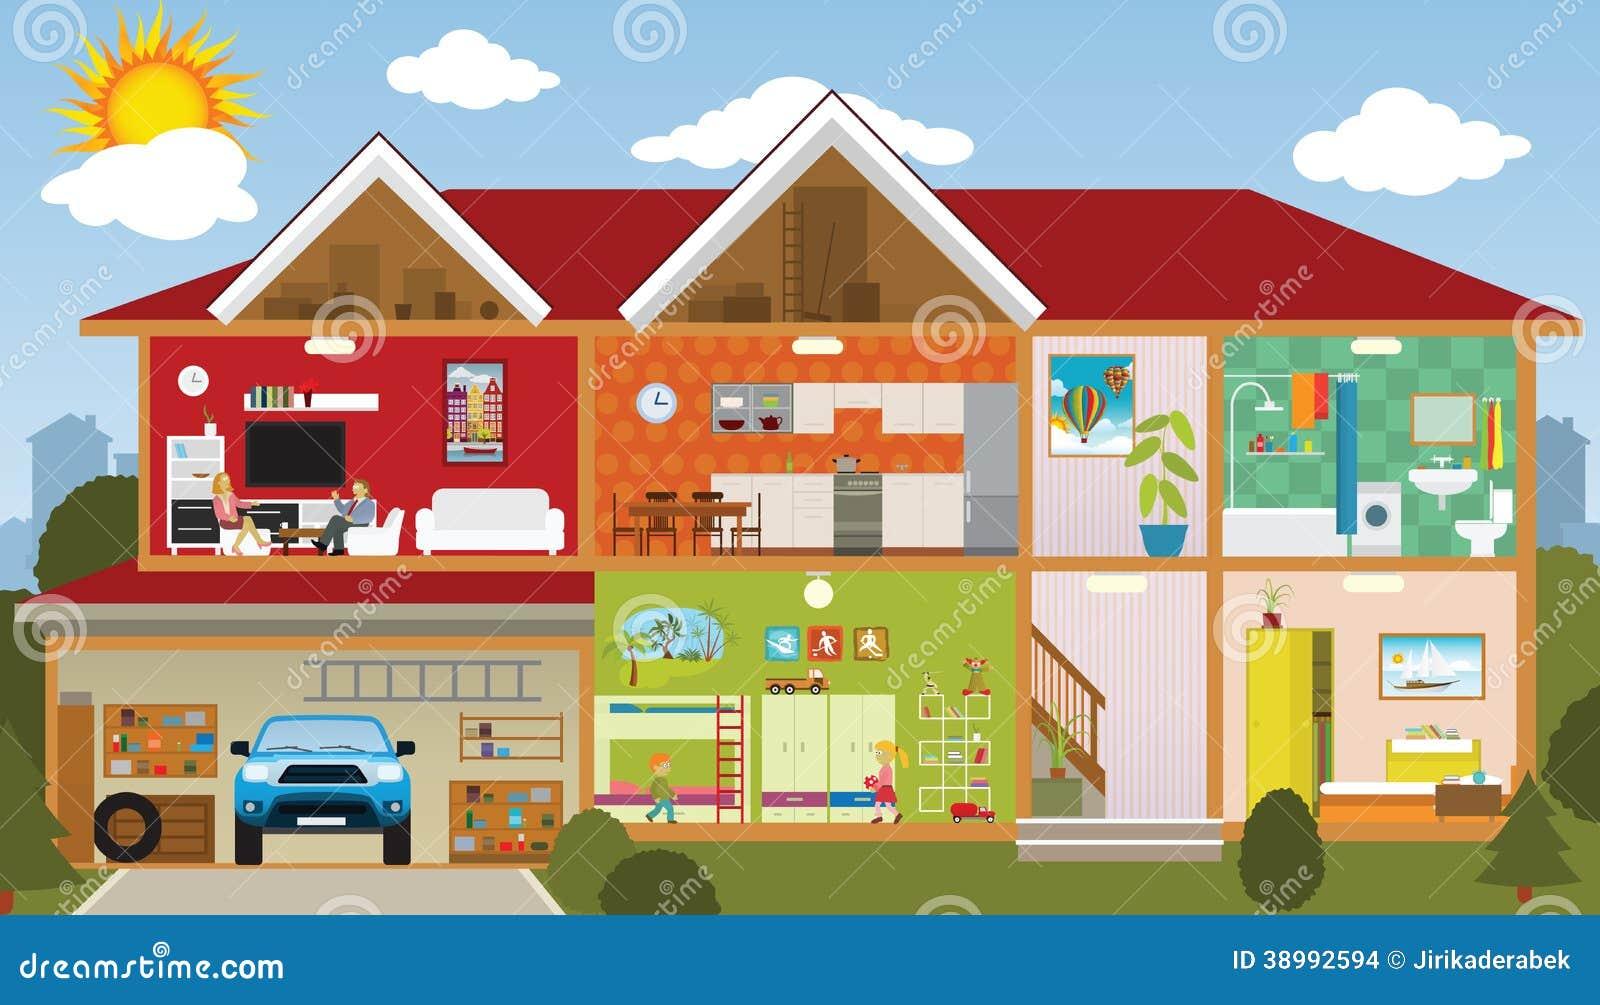 Dentro de la casa ilustraci n del vector imagen 38992594 for Parrilla para dentro de la casa